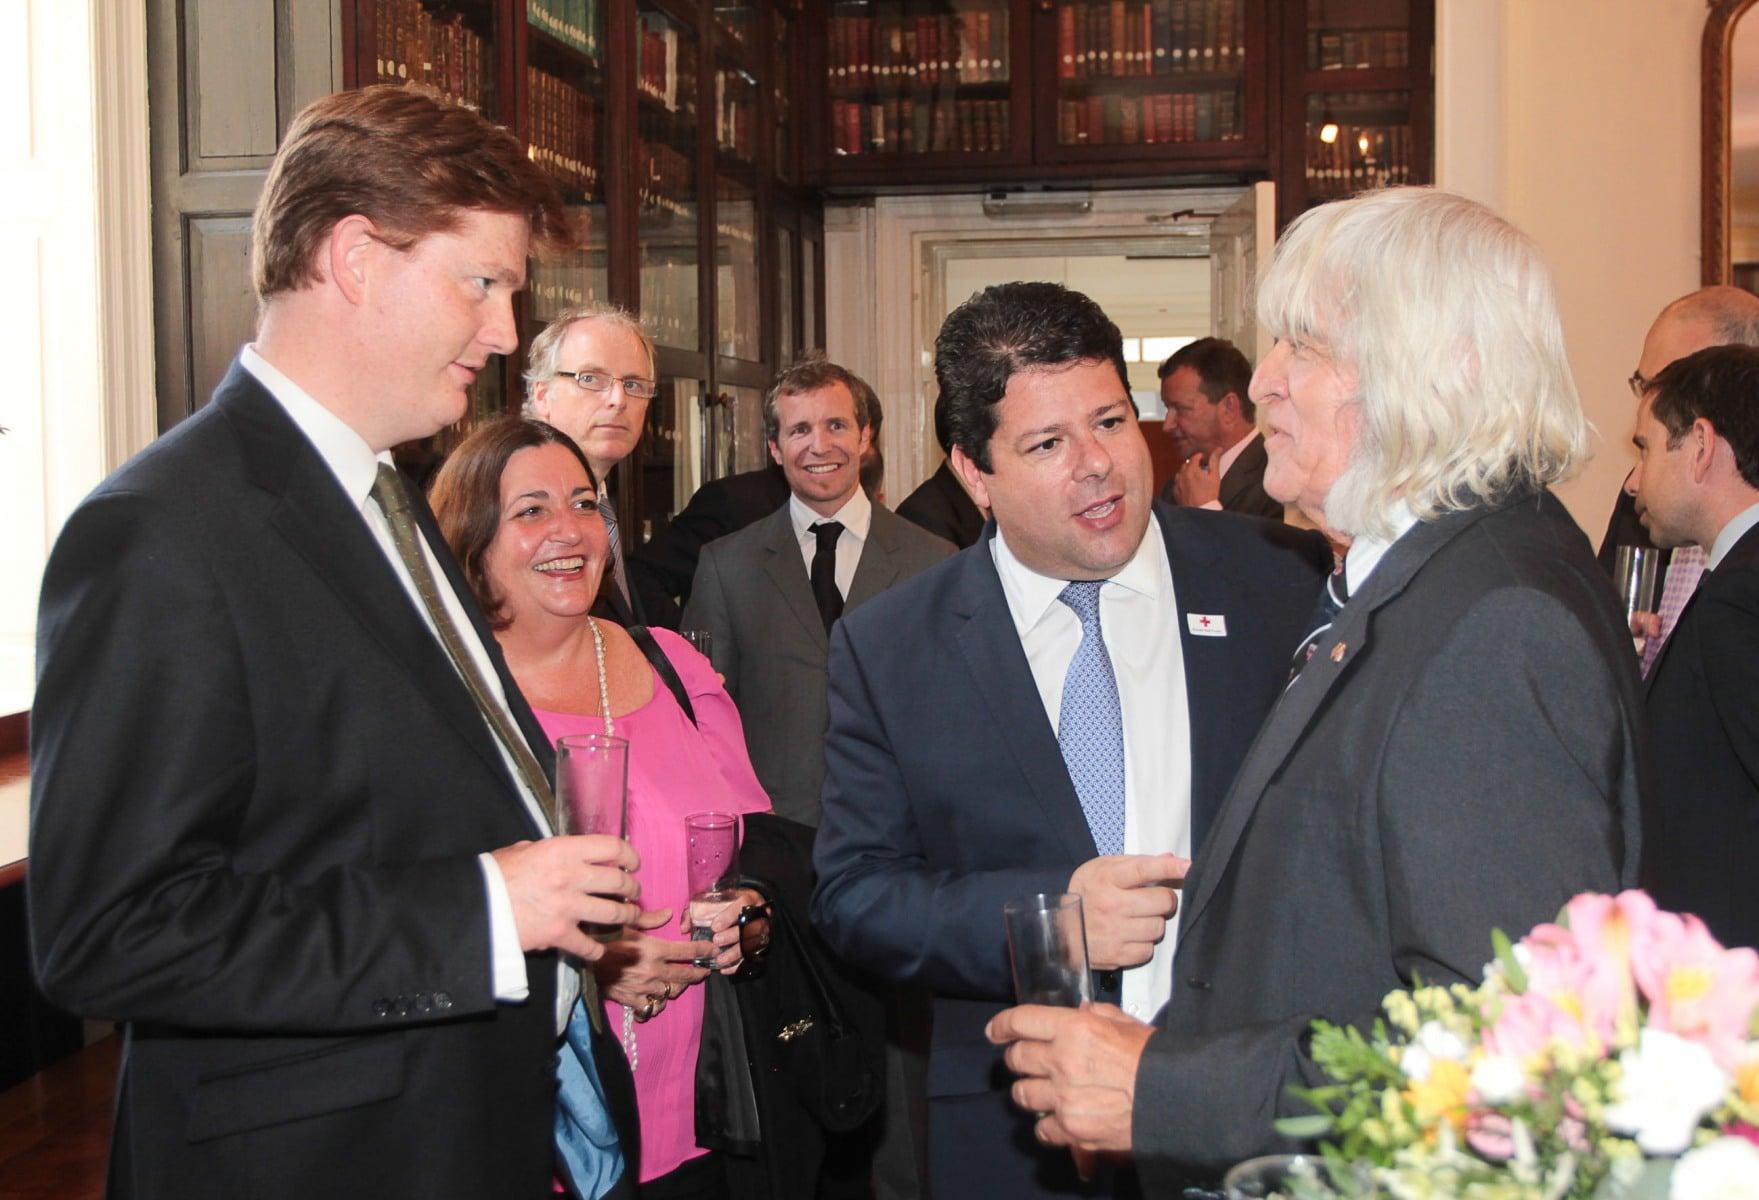 9-mayo-2014-visita-a-gibraltar-del-secretario-de-estado-britnico-daniel-alexander-con-ocasin-del-da-de-europa_13981602568_o